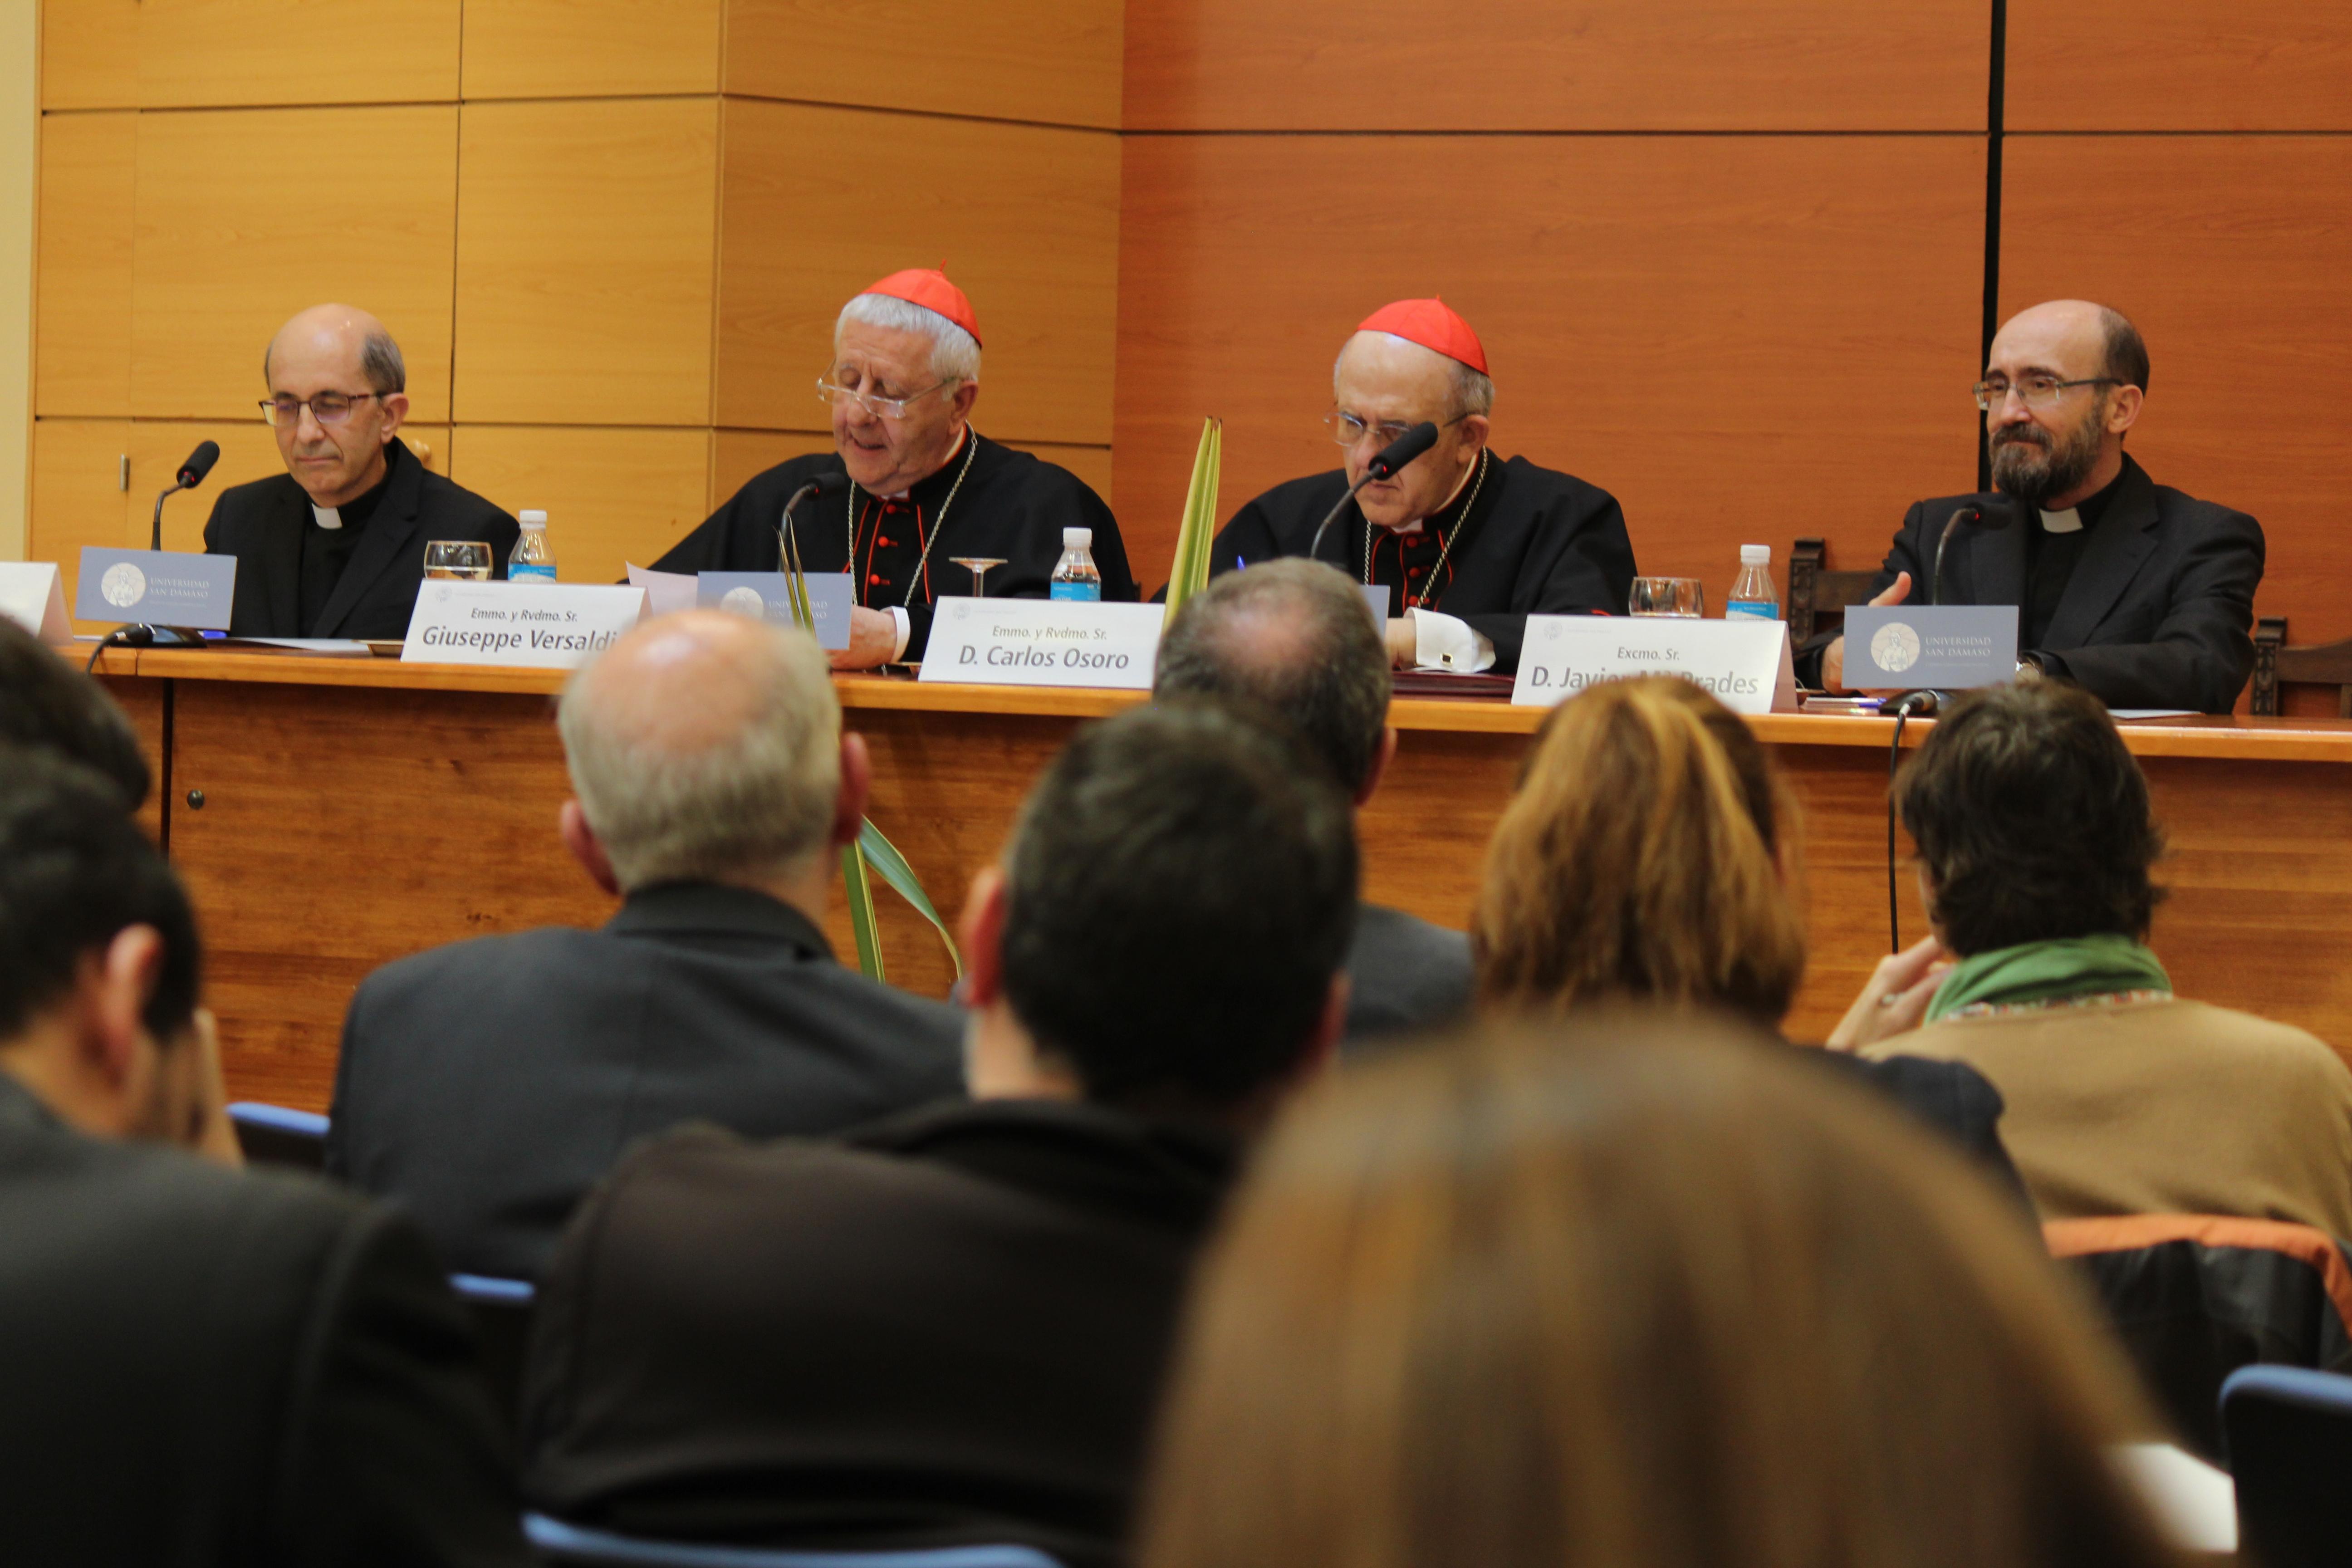 Conferencia del Cardenal Versaldi © Universidad San Dámaso